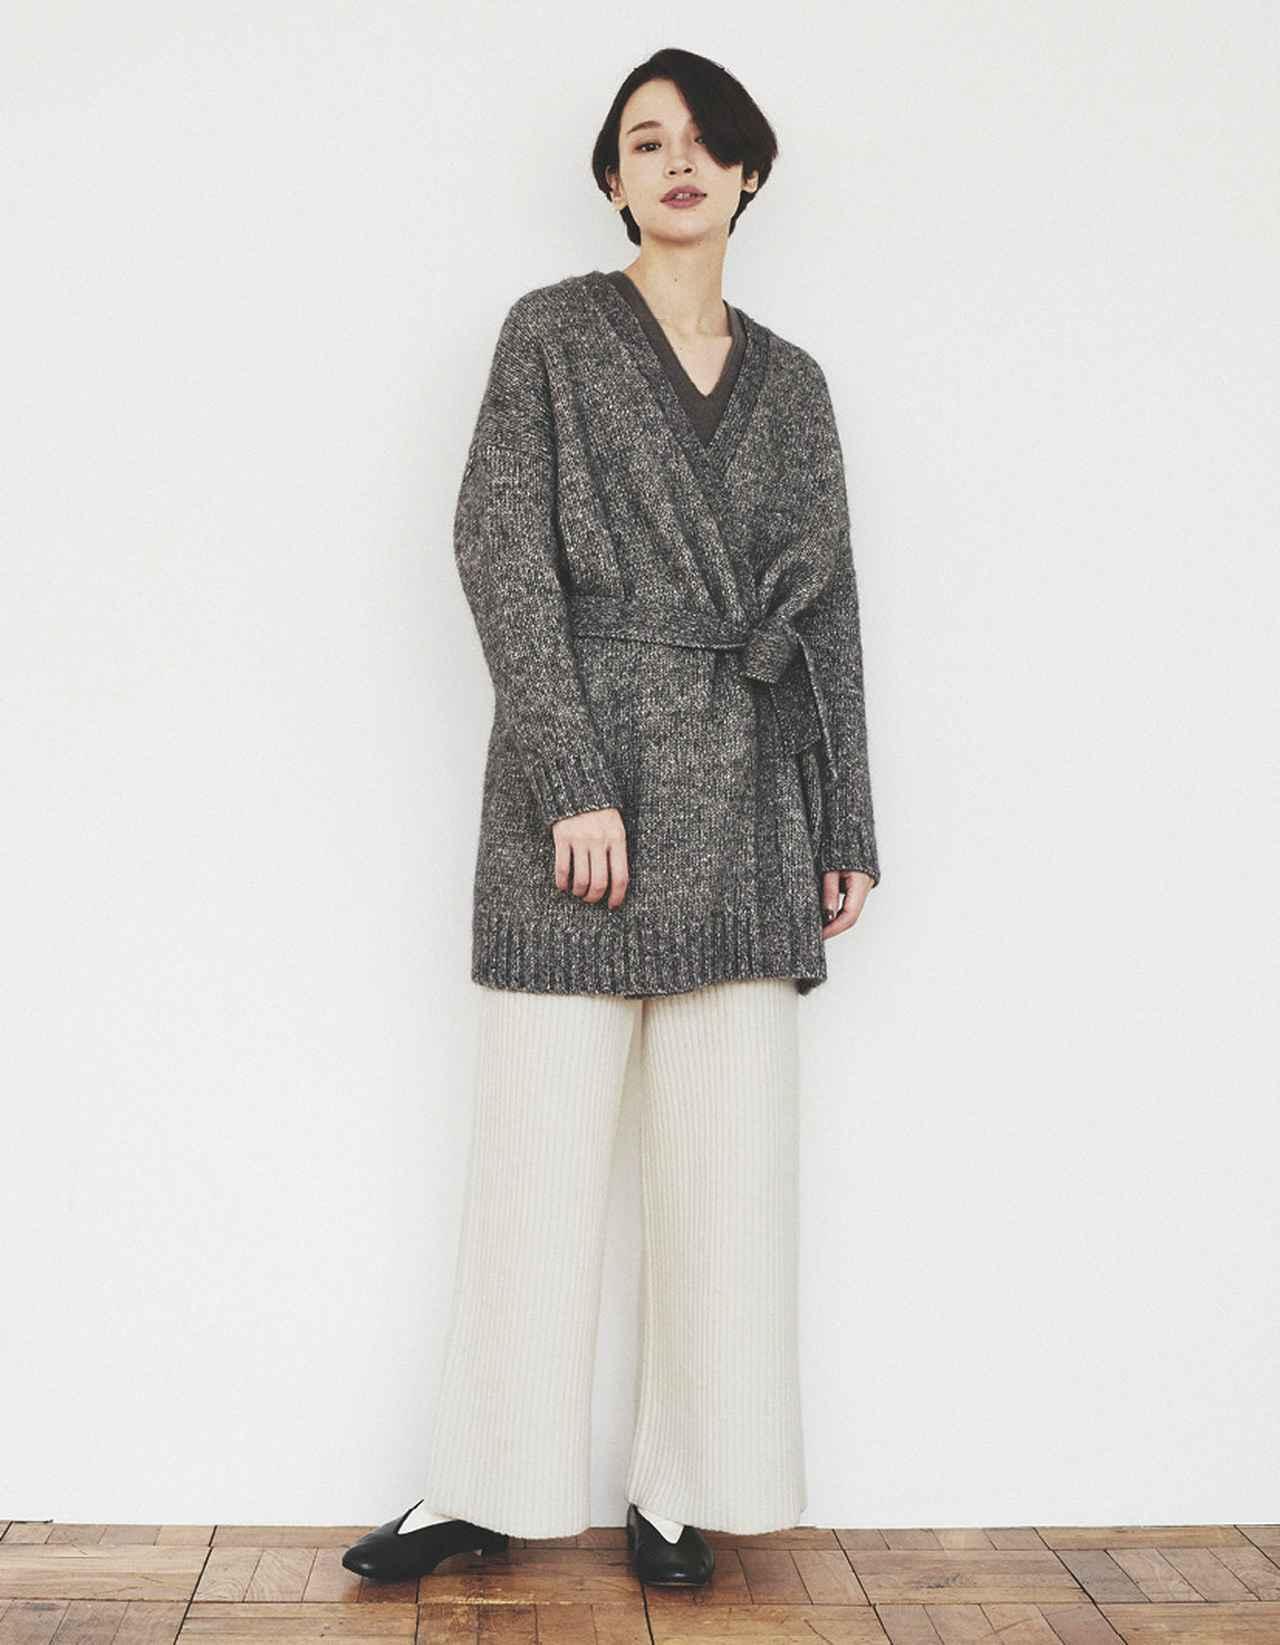 画像1: ②かぐれ 大人の女性のための日常着